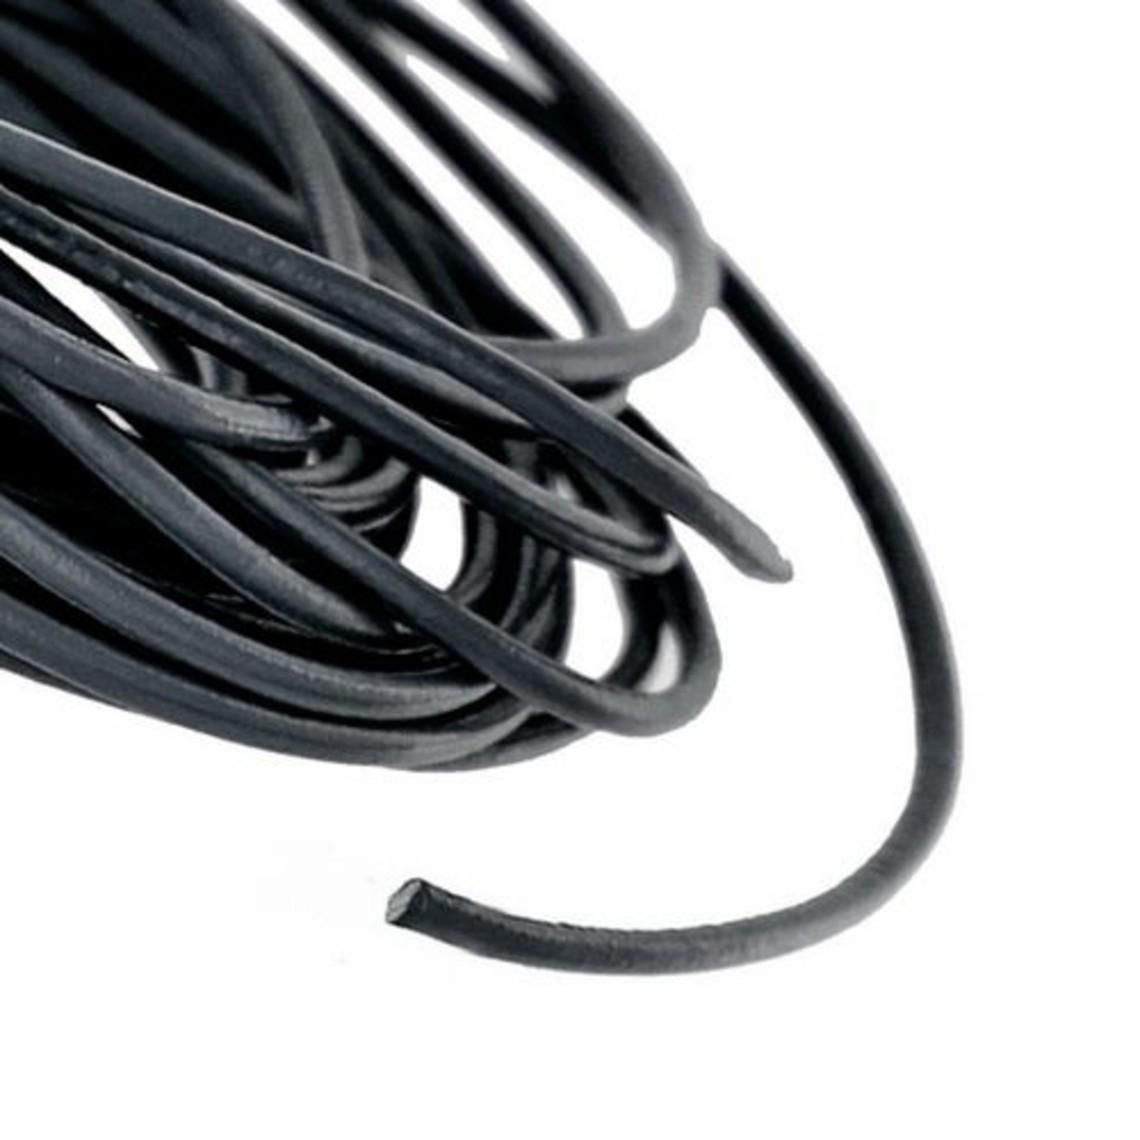 Lacet en cuir noir 2 mm x 1 m